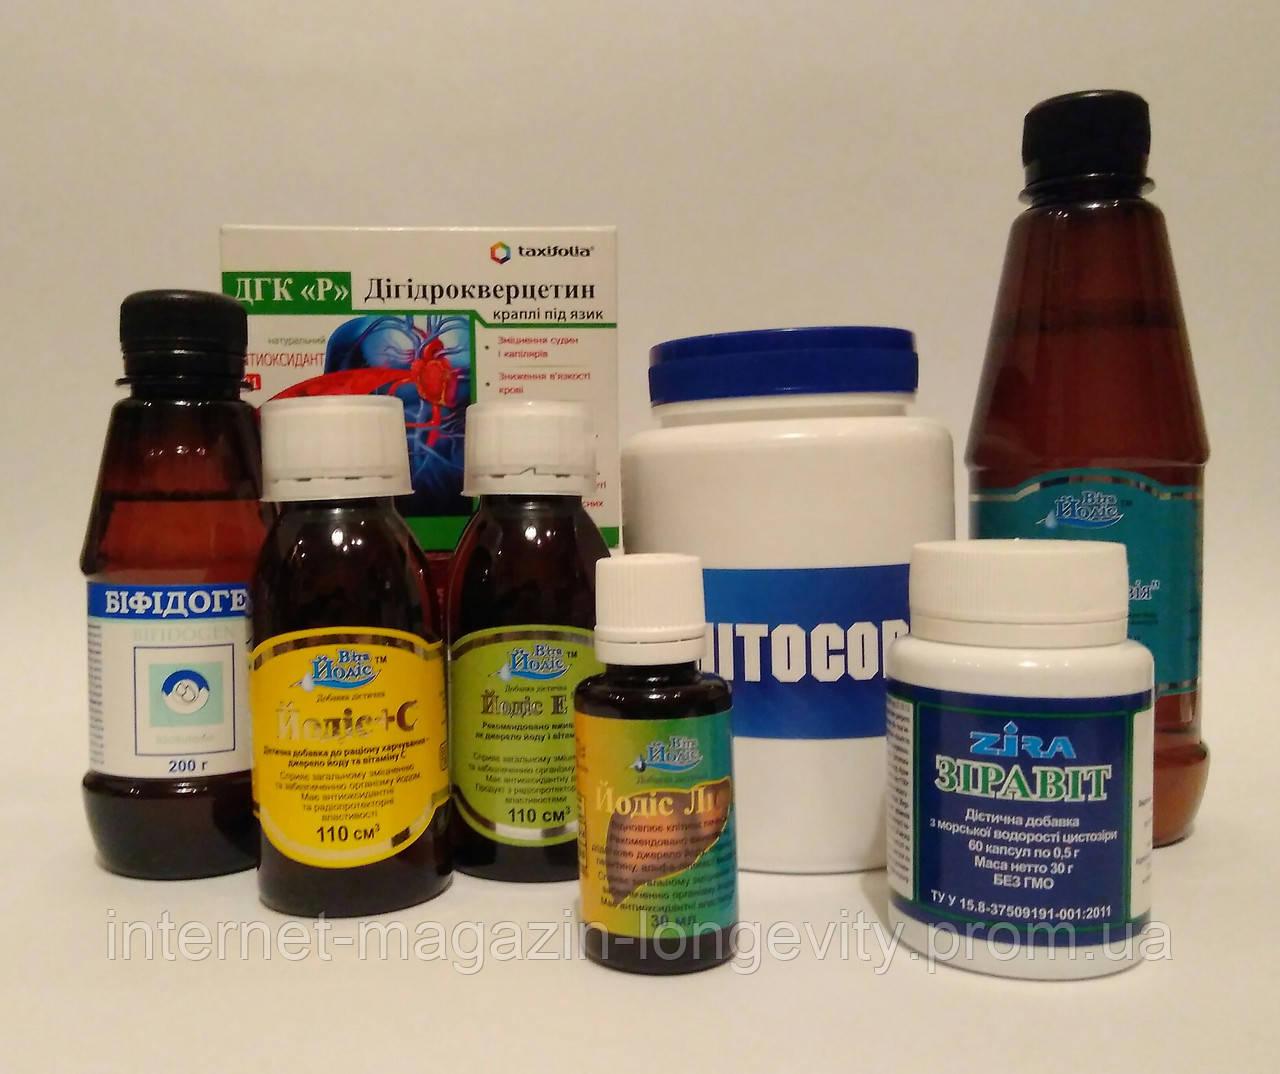 Алергія. Антигістамінний комплекс для профілактики первинних проявів алергії та її рецидивів.